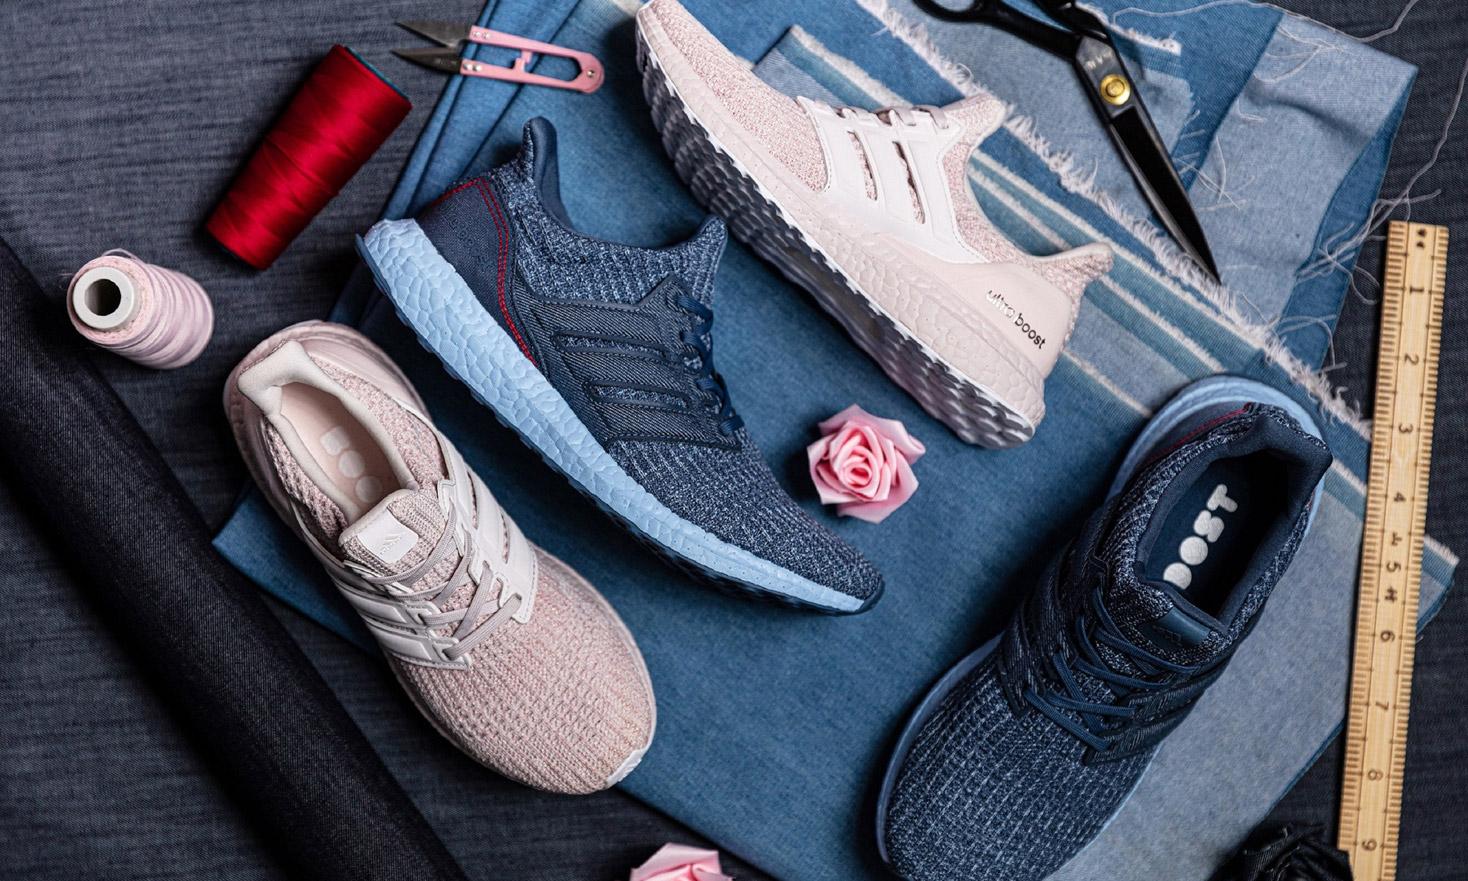 与 ta 一起奔向甜蜜,adidas 推出 UltraBOOST V-DAY 情侣限定跑鞋